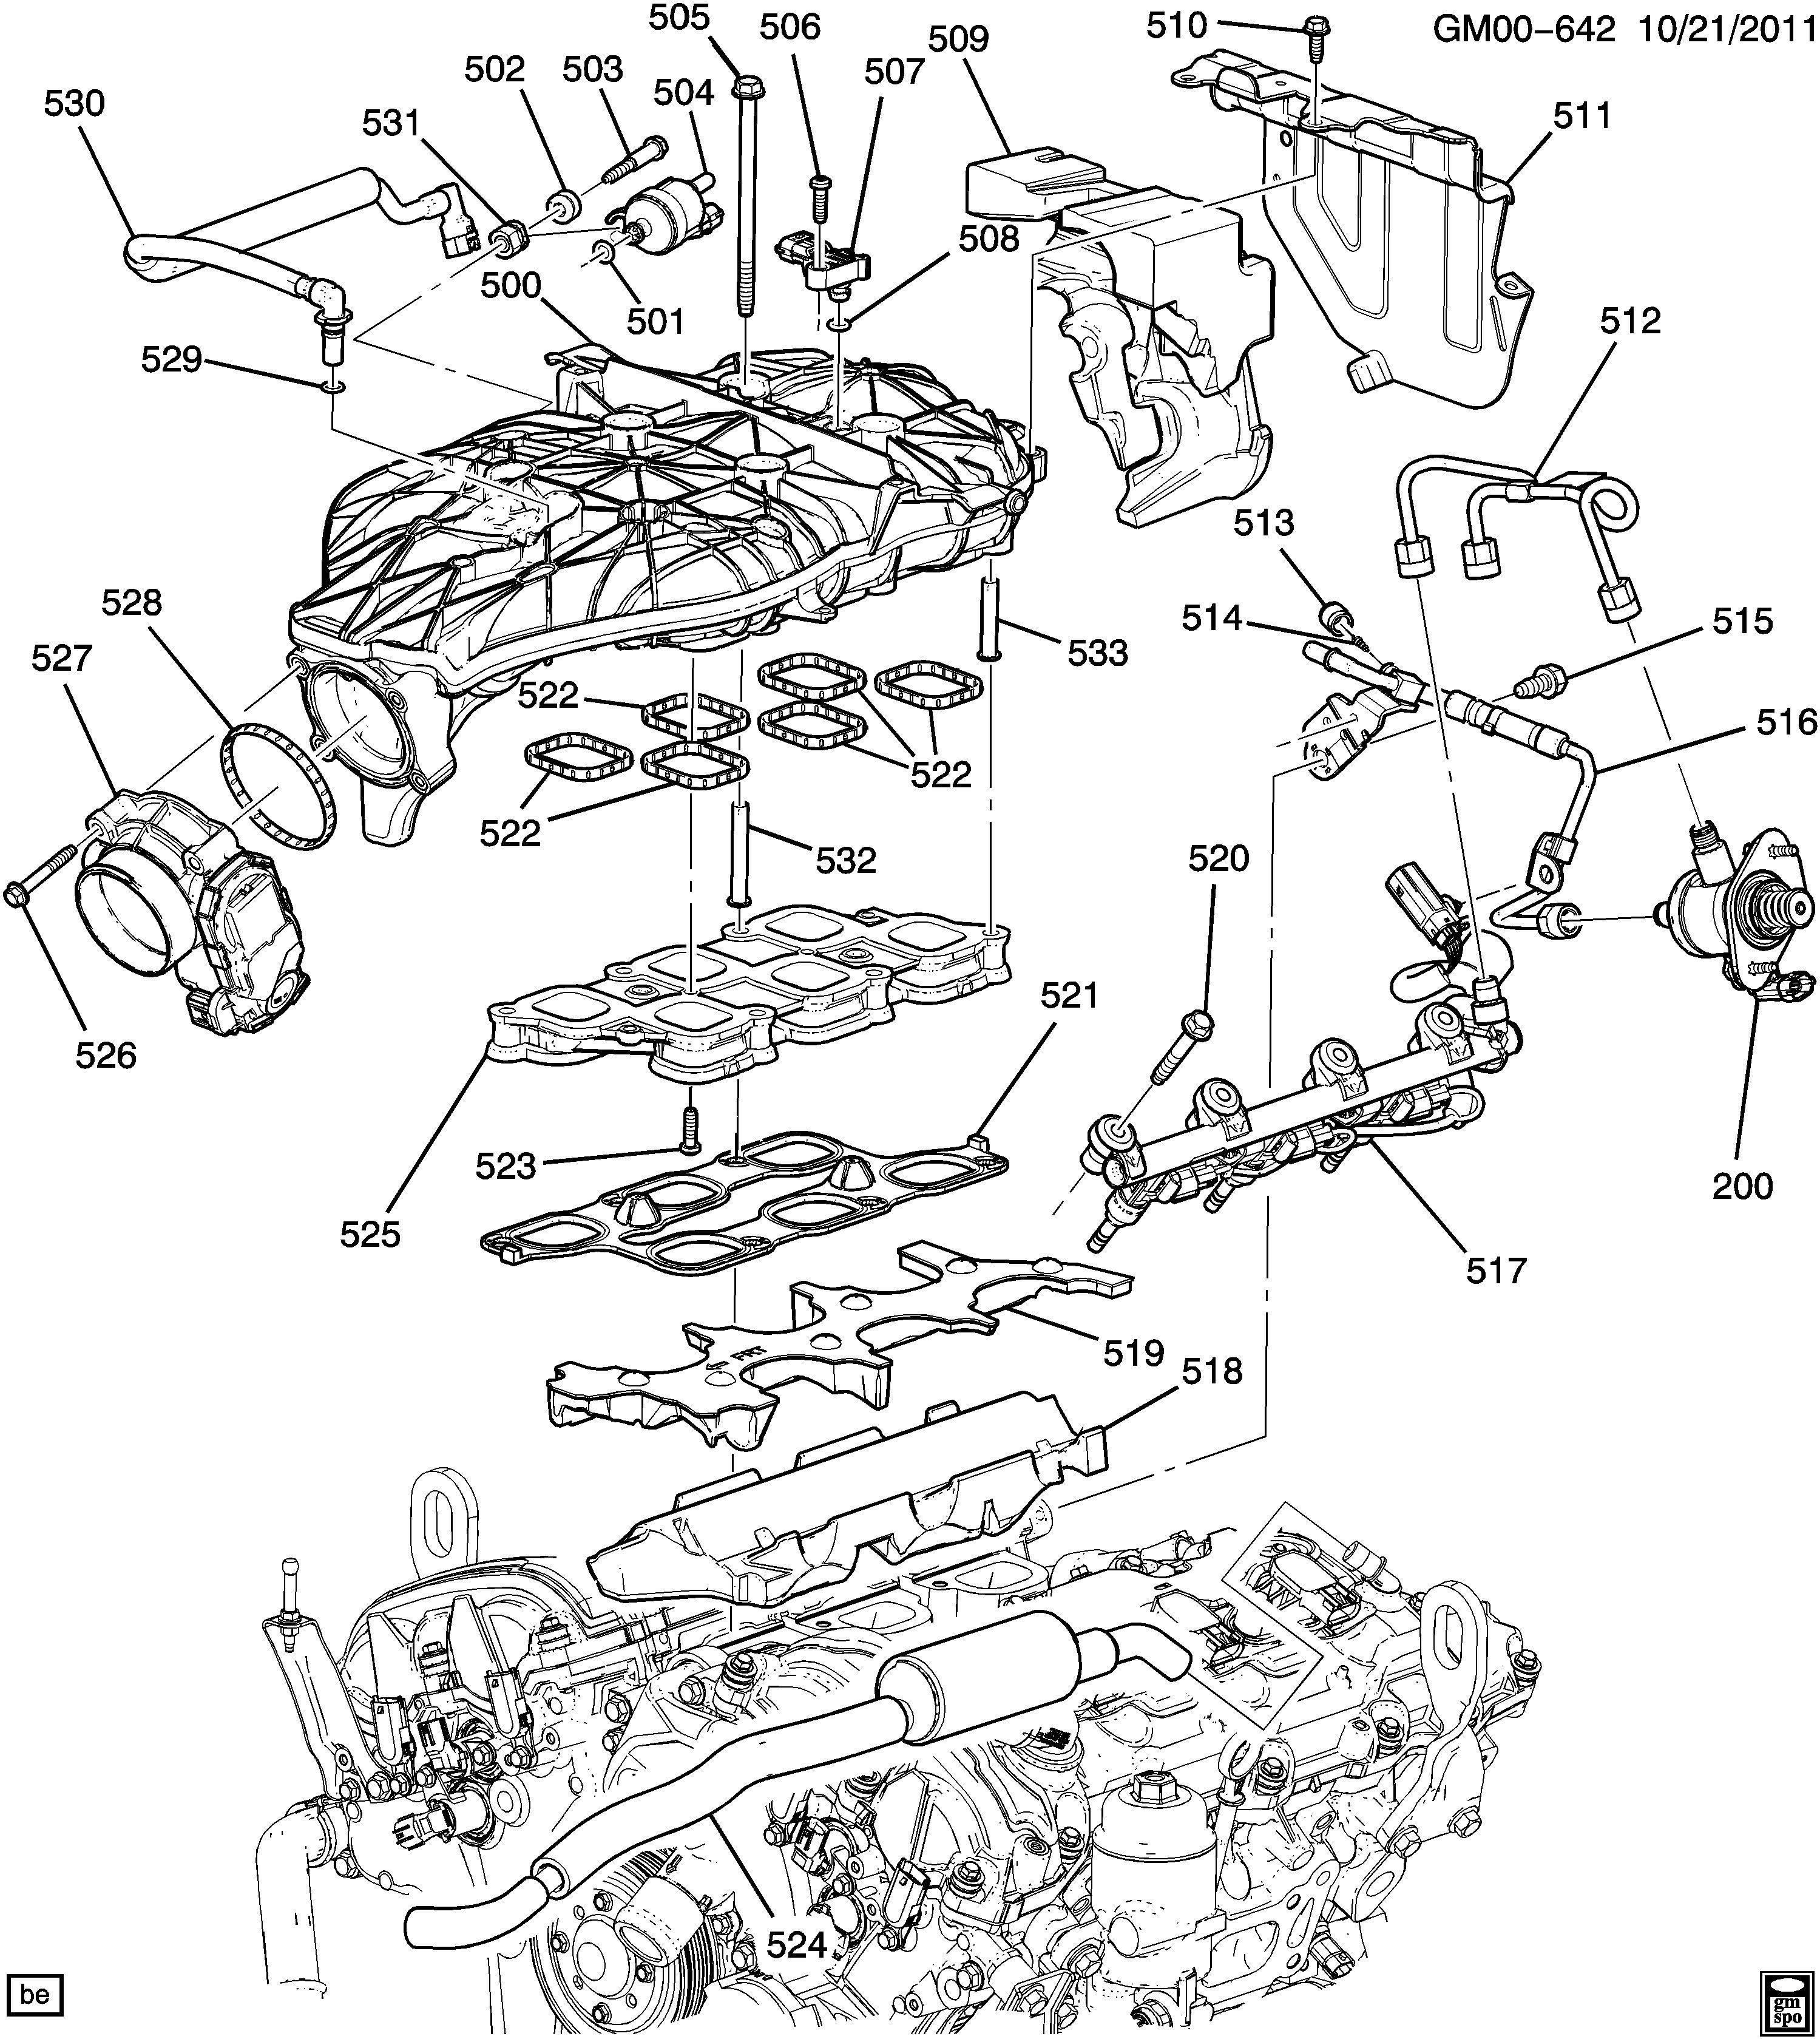 2010 Mazda 3 Wiring Diagram Diagram] Mazda 3 0 V6 Engine Diagram Cylinder 6 Full Version Of 2010 Mazda 3 Wiring Diagram